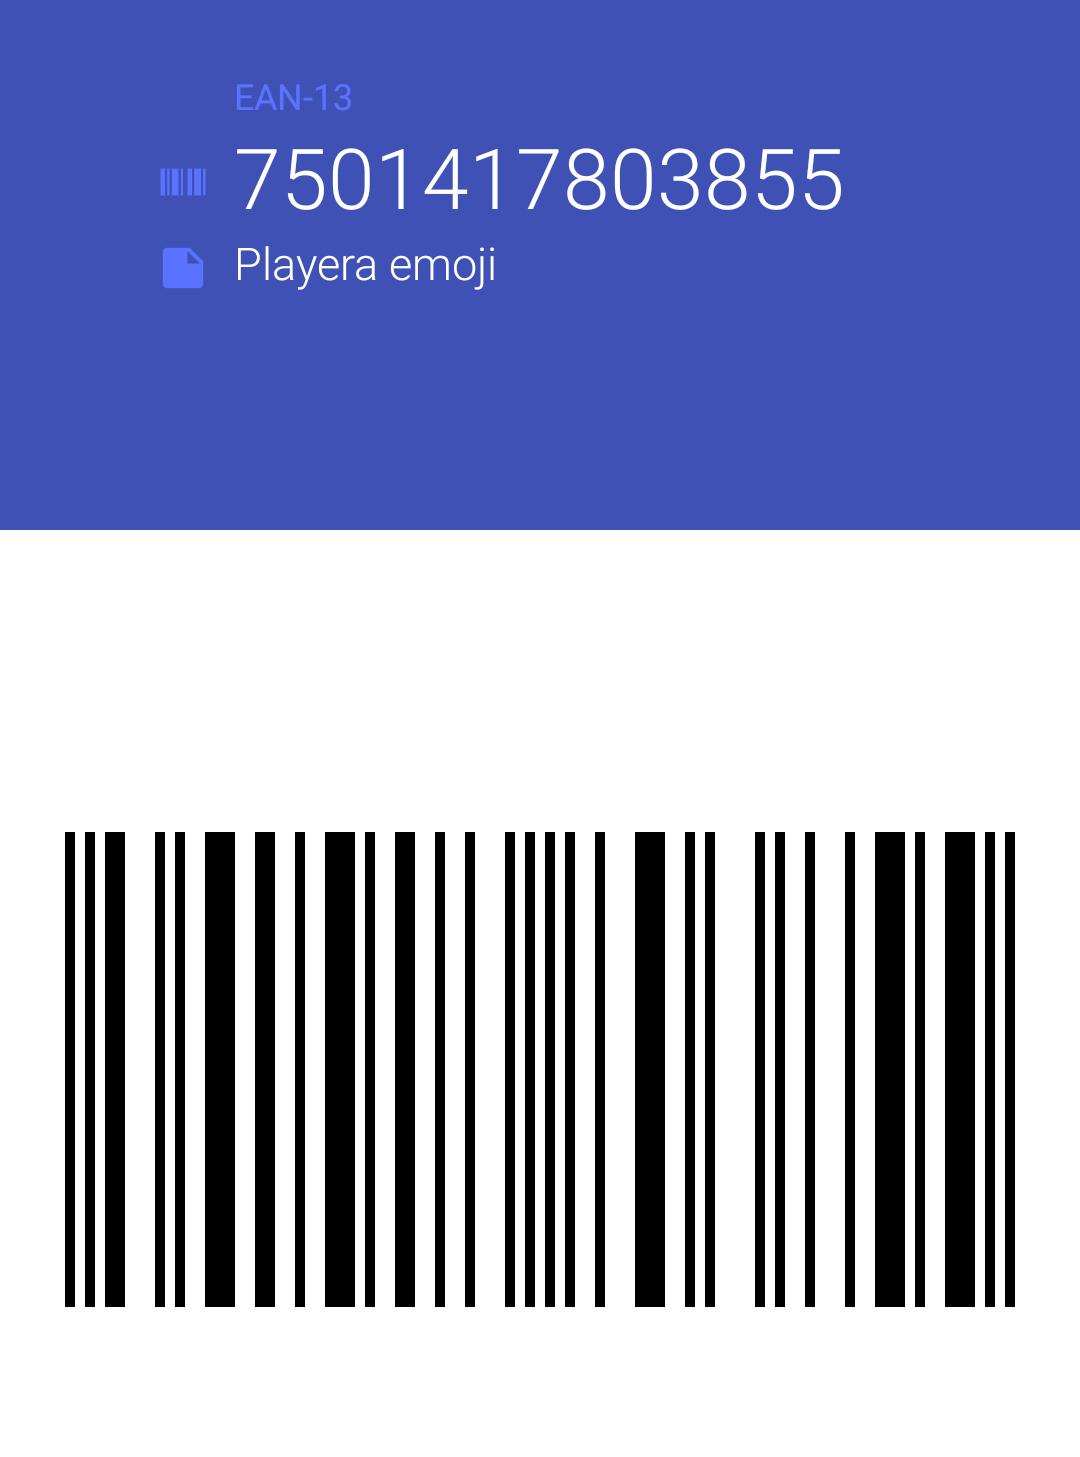 163768.jpg